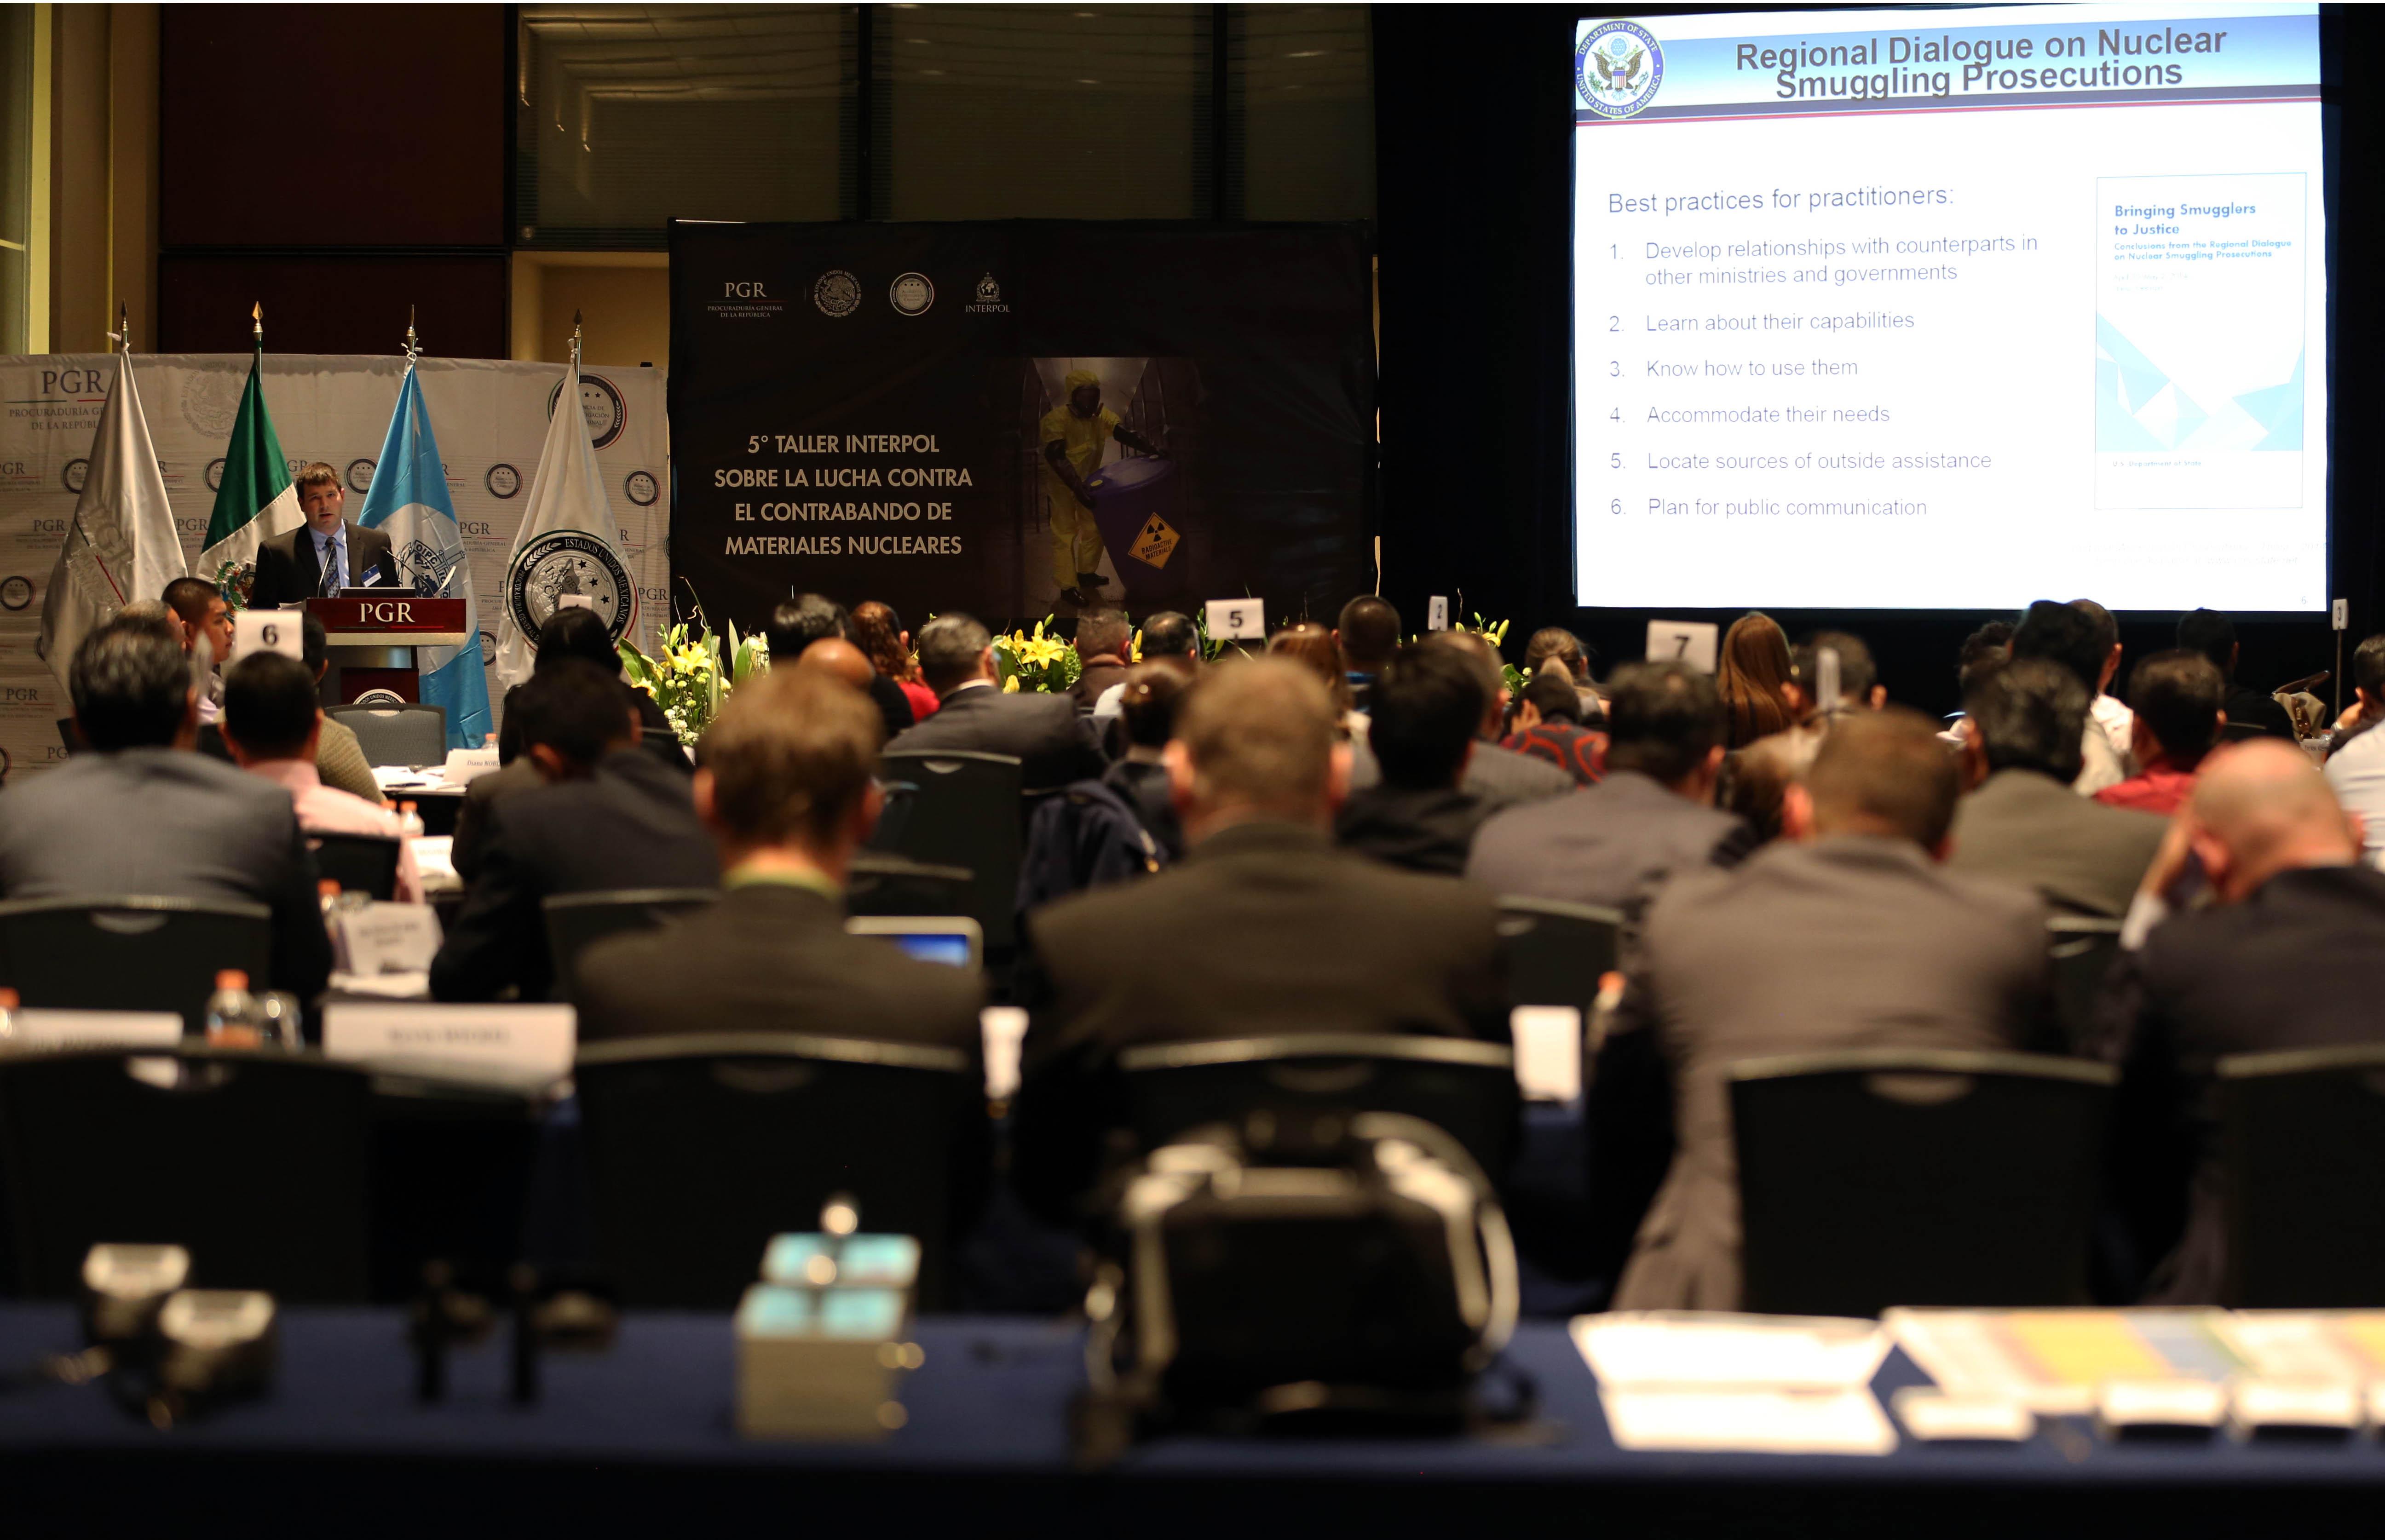 Expertos de diversos países fortalecen capacidades para enfrentar el contrabando de materiales nucleares .